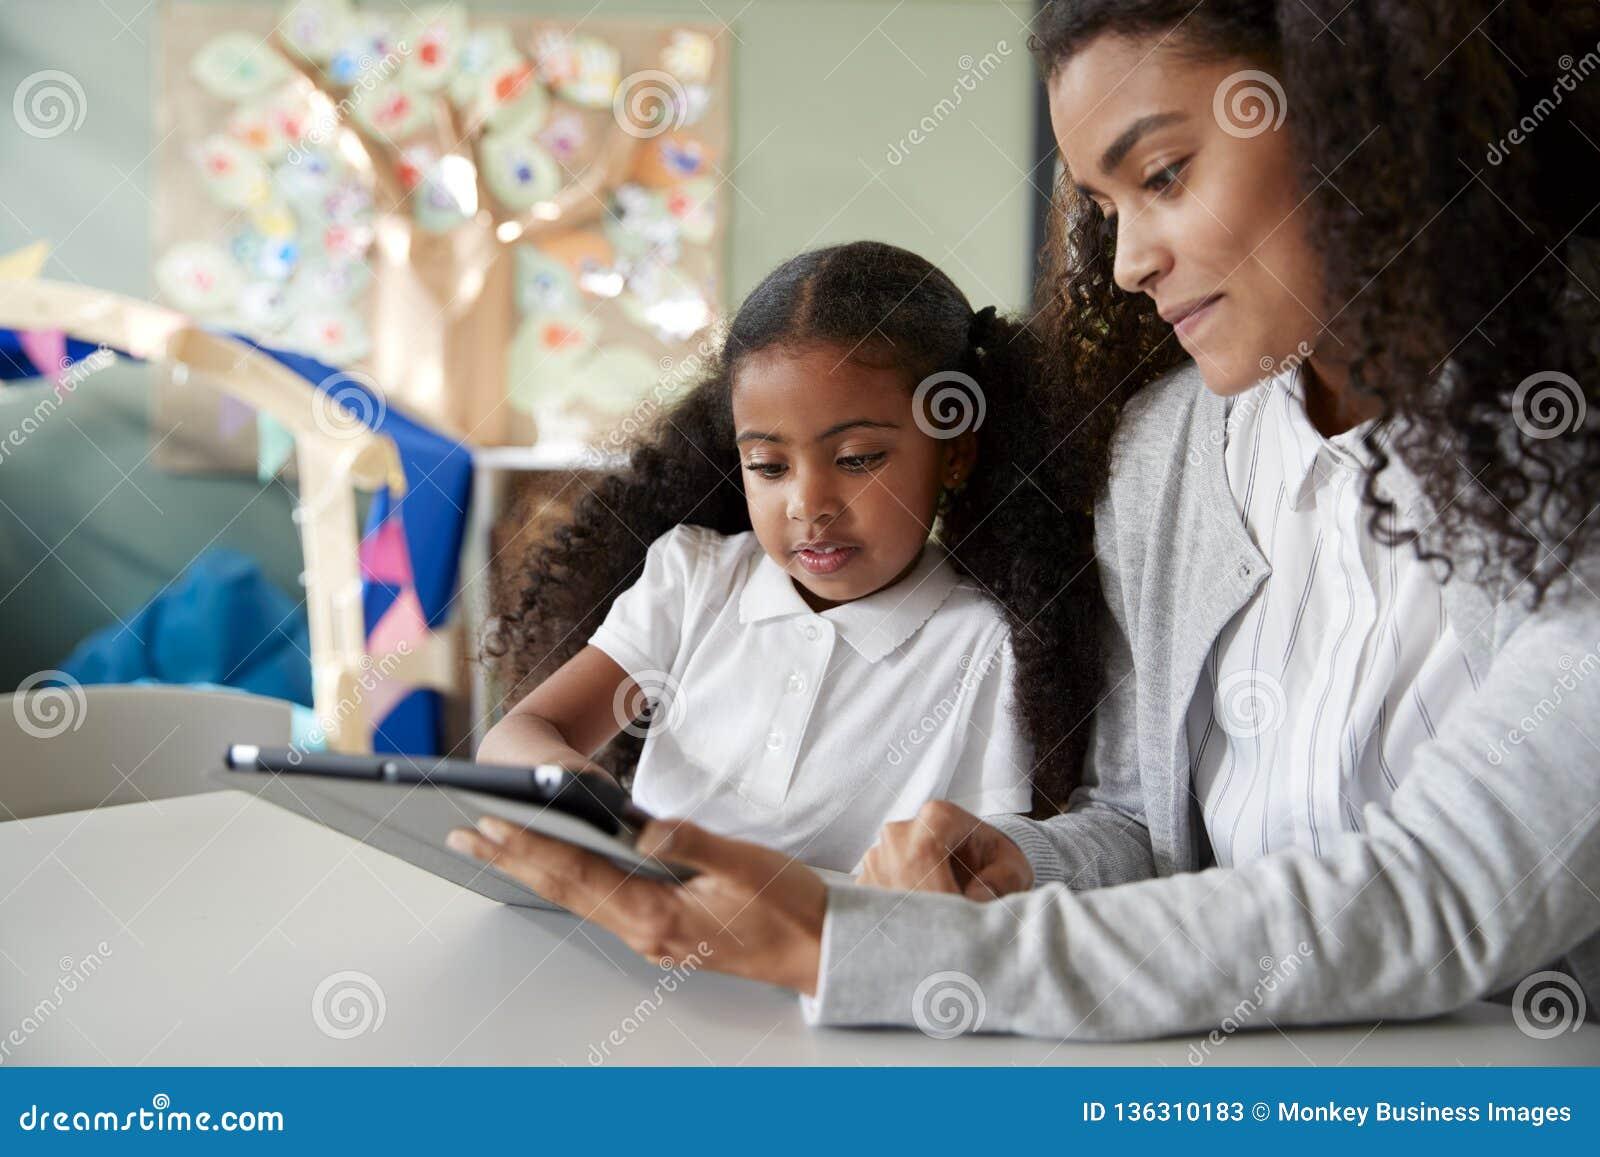 Feche acima de uma estudante preta nova que senta-se em uma tabela em uma sala de aula da escola infantil que aprende um em uma c